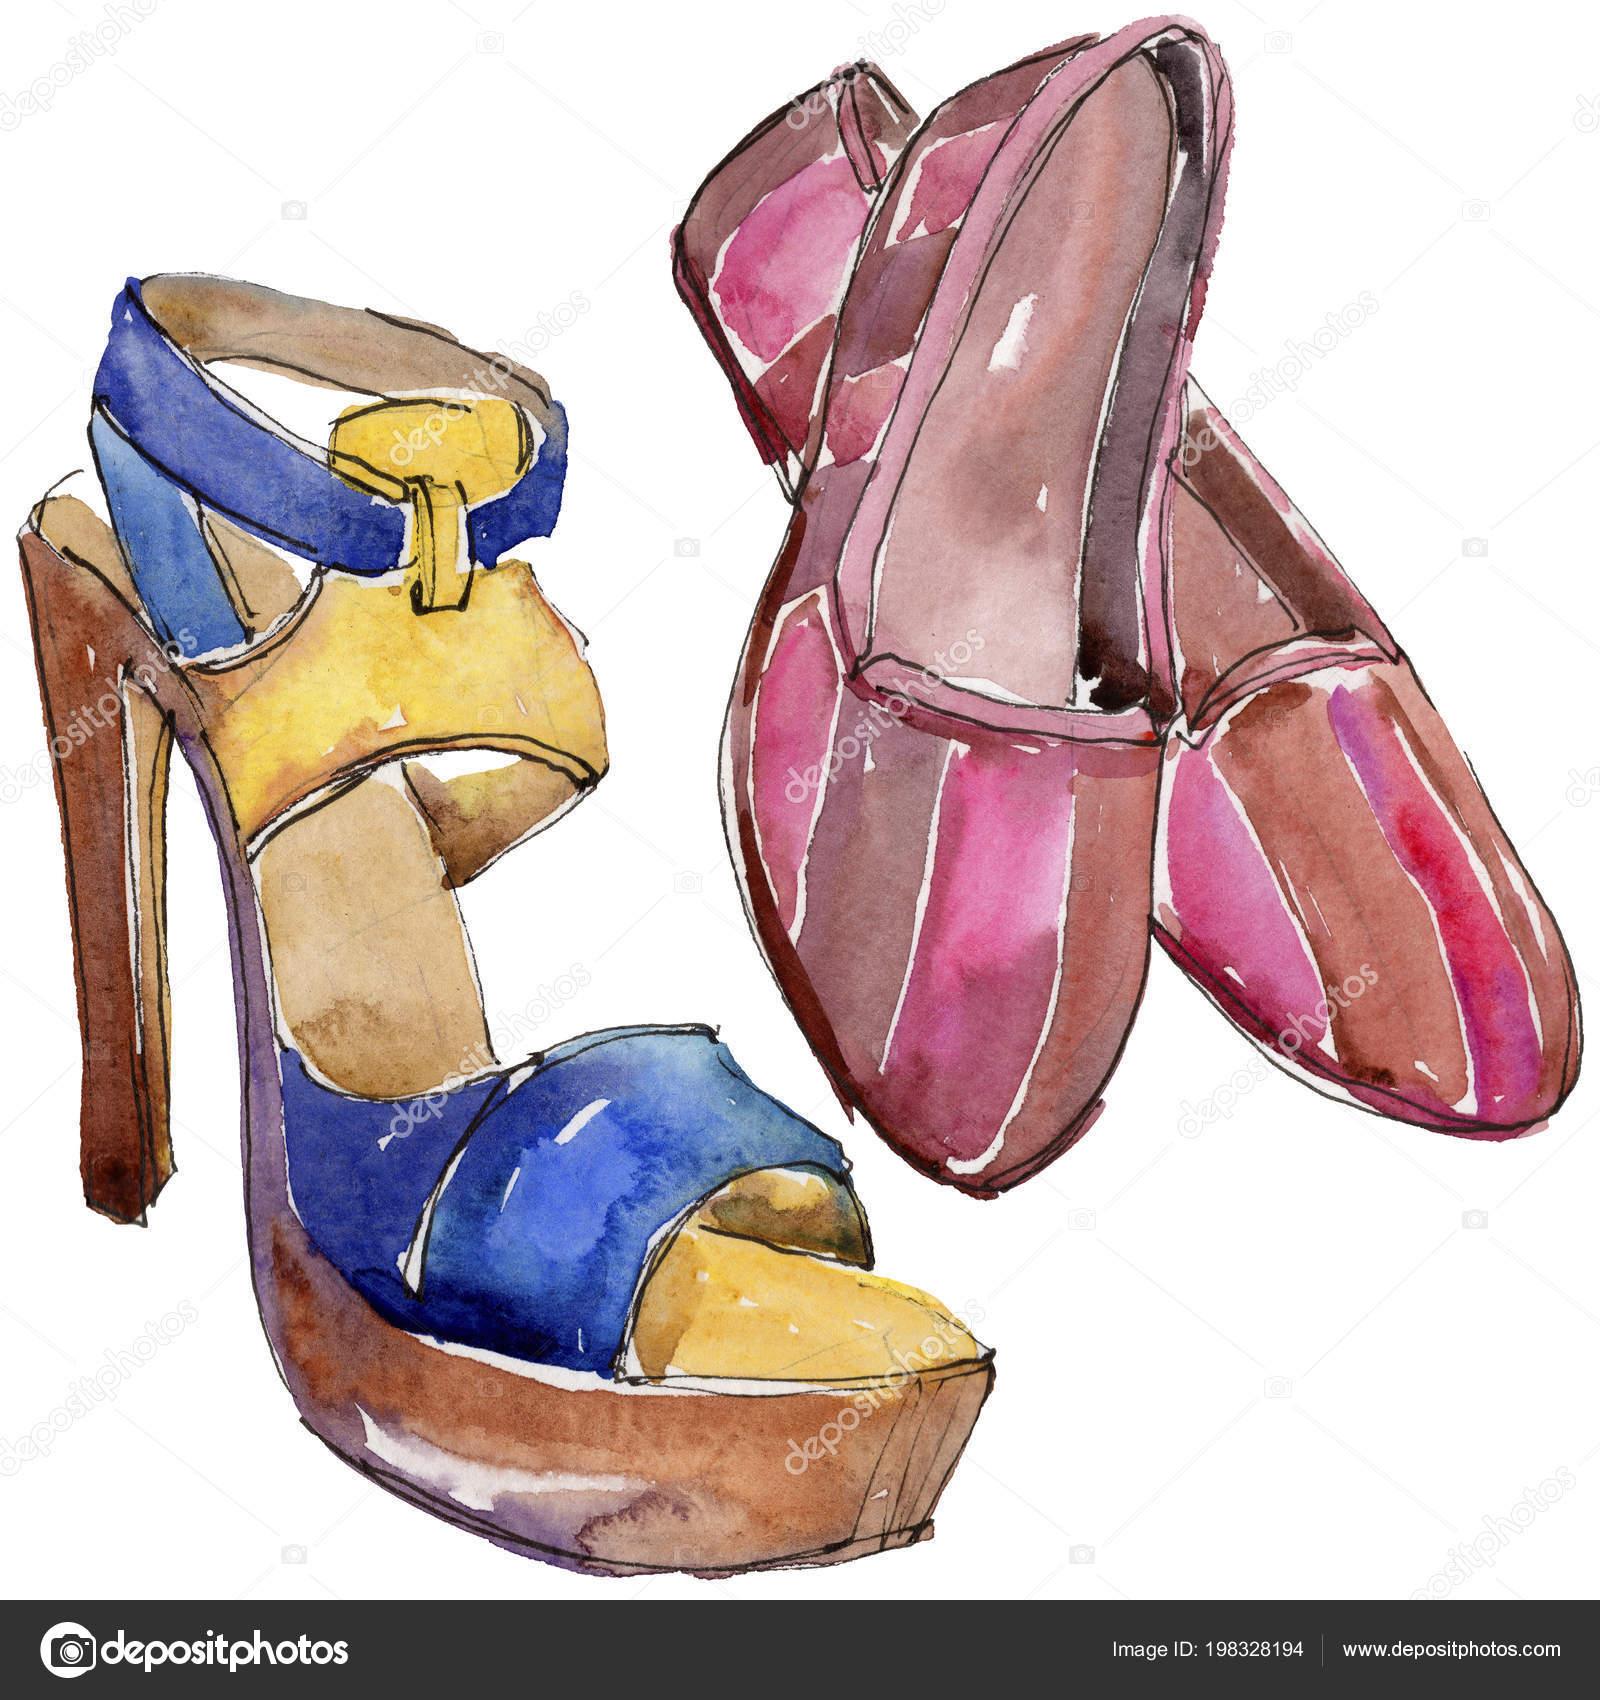 e860f137402 Обувь эскиз Иллюстрация гламур моды в стиле акварели изолированы.  Аксессуары набор мода модный наряд. Акварель моды эскиз для фона